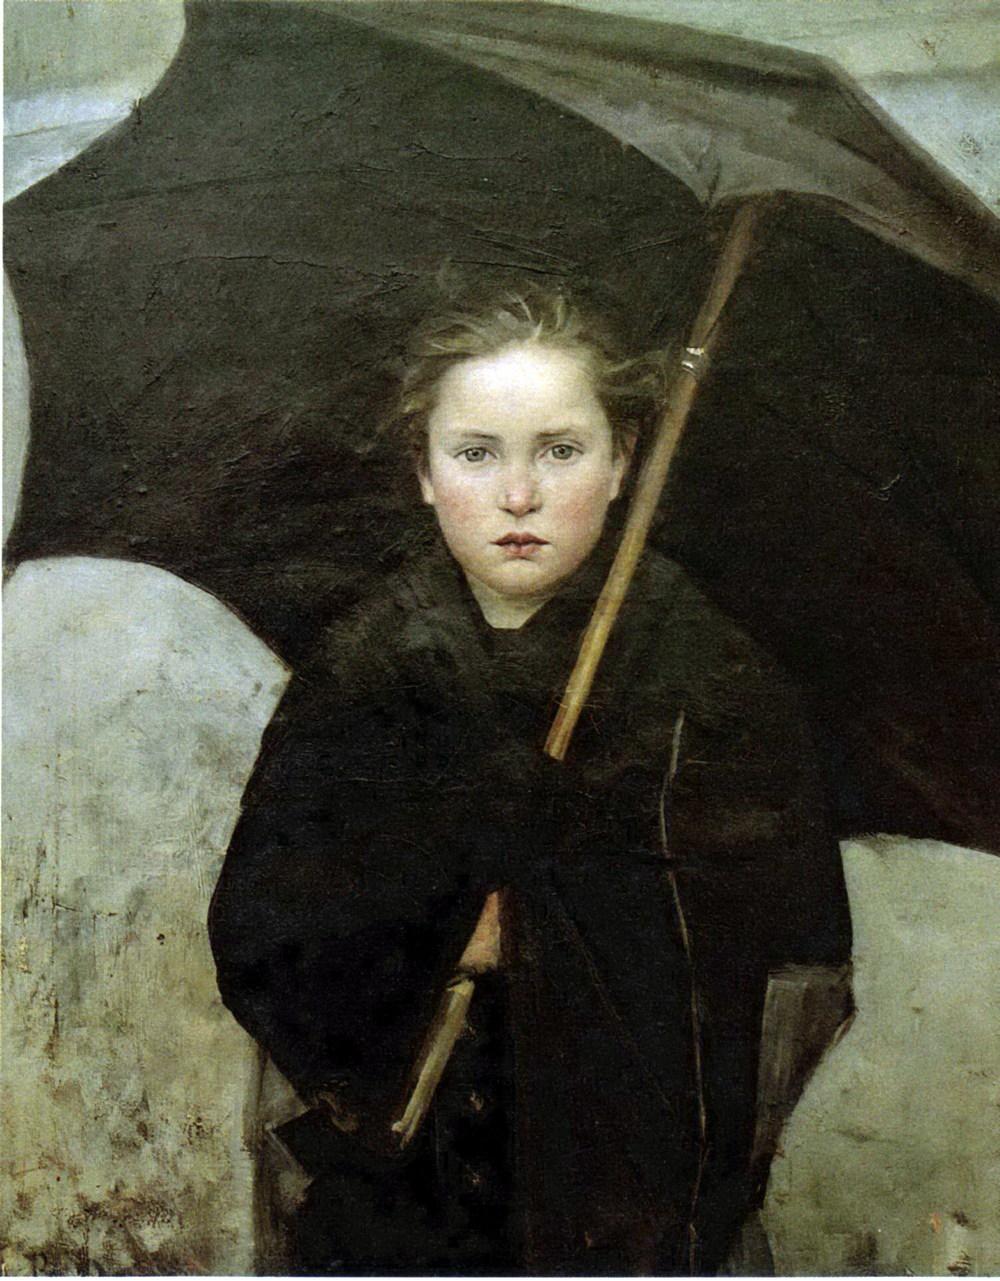 Le Parapluie — Marie Bashkirtseff (1858-1884)